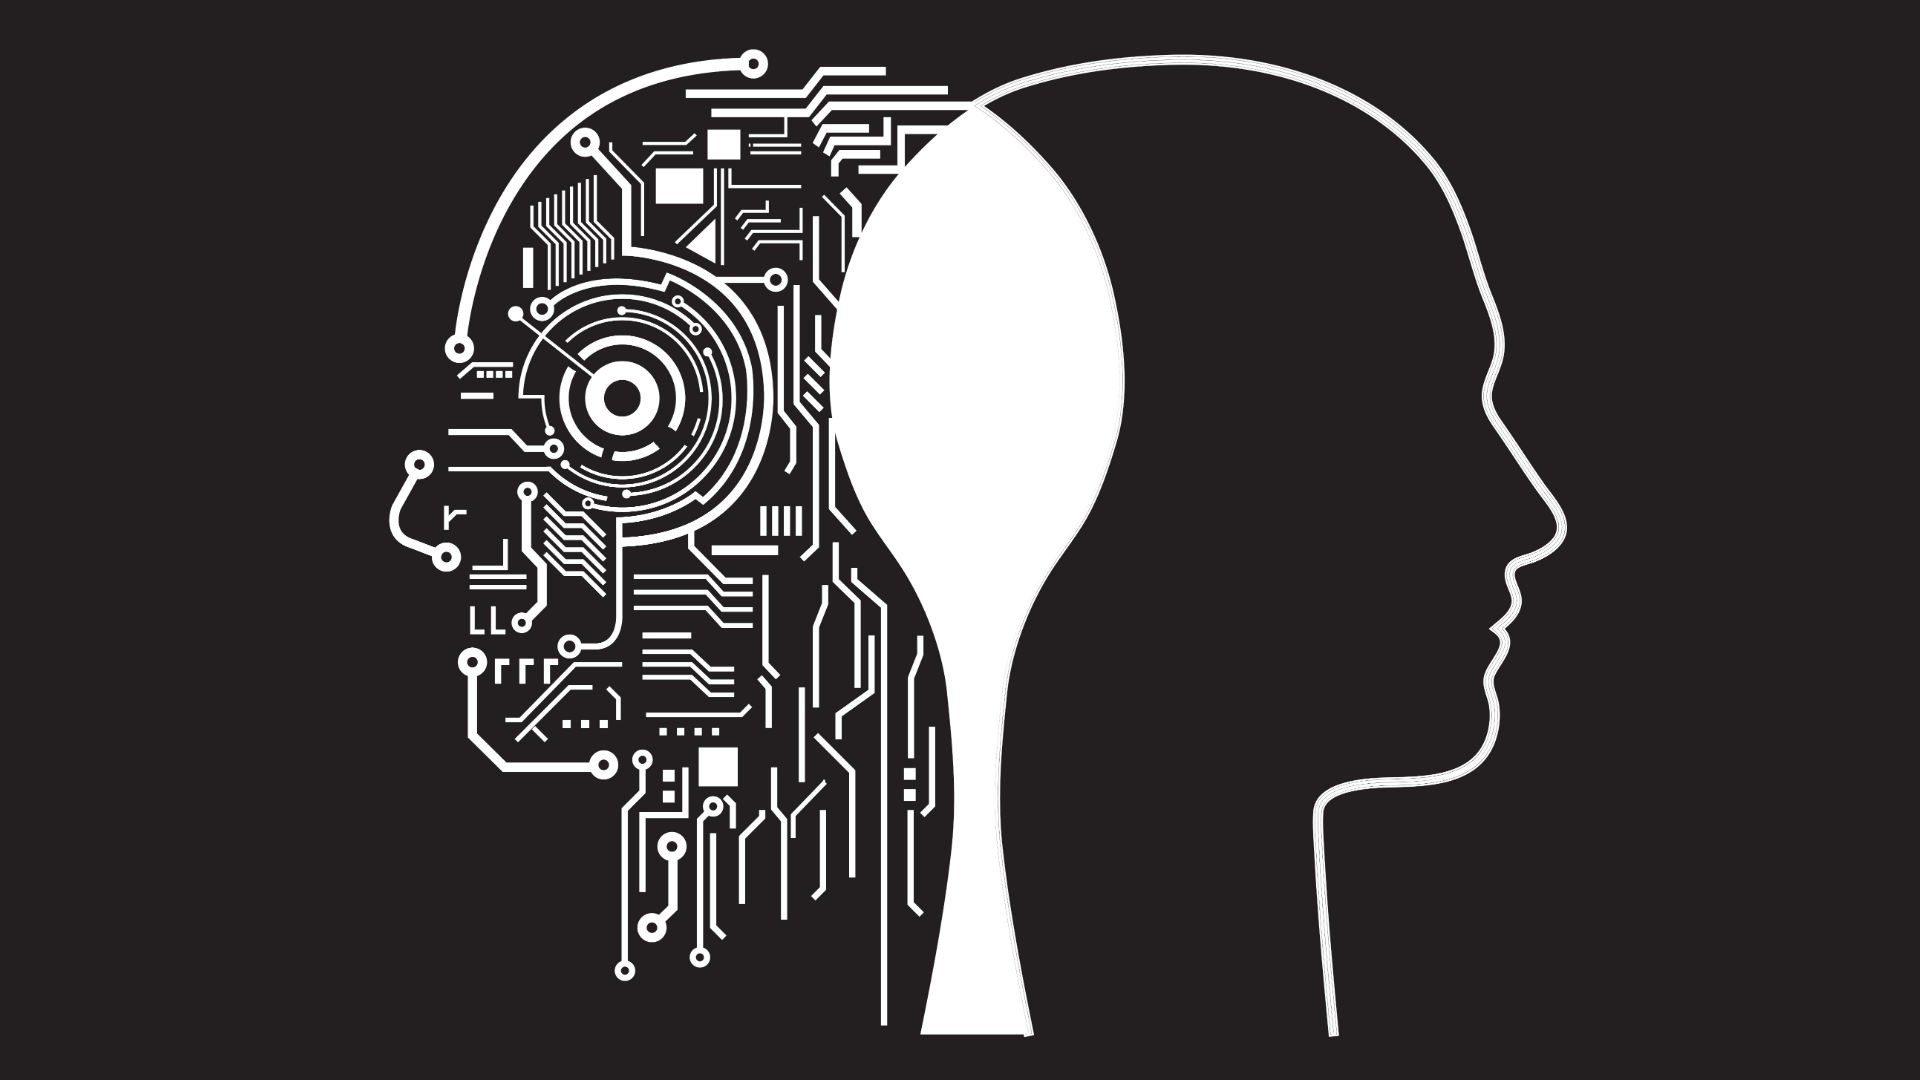 Κι αν η τεχνητή νοημοσύνη αποκτήσει συνείδηση;